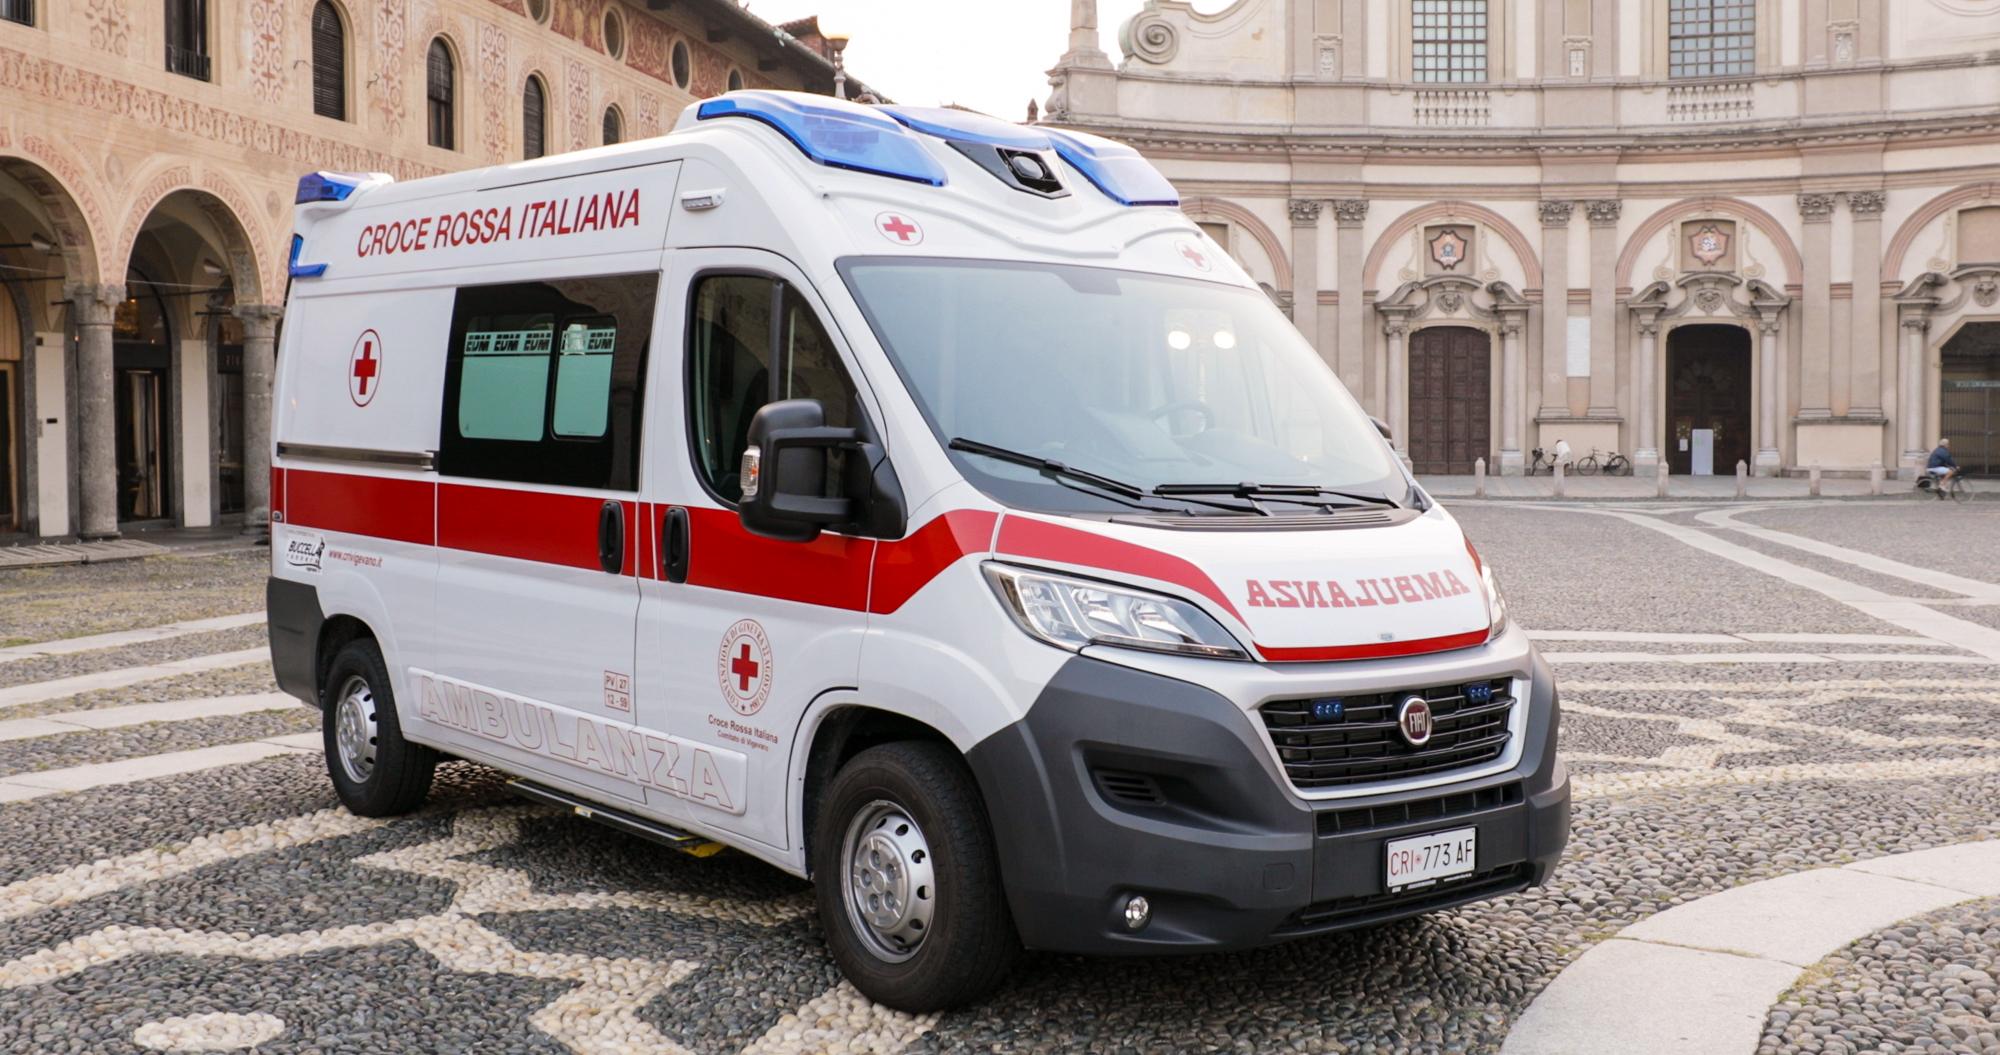 PV259 CRI Vigevano in Piazza